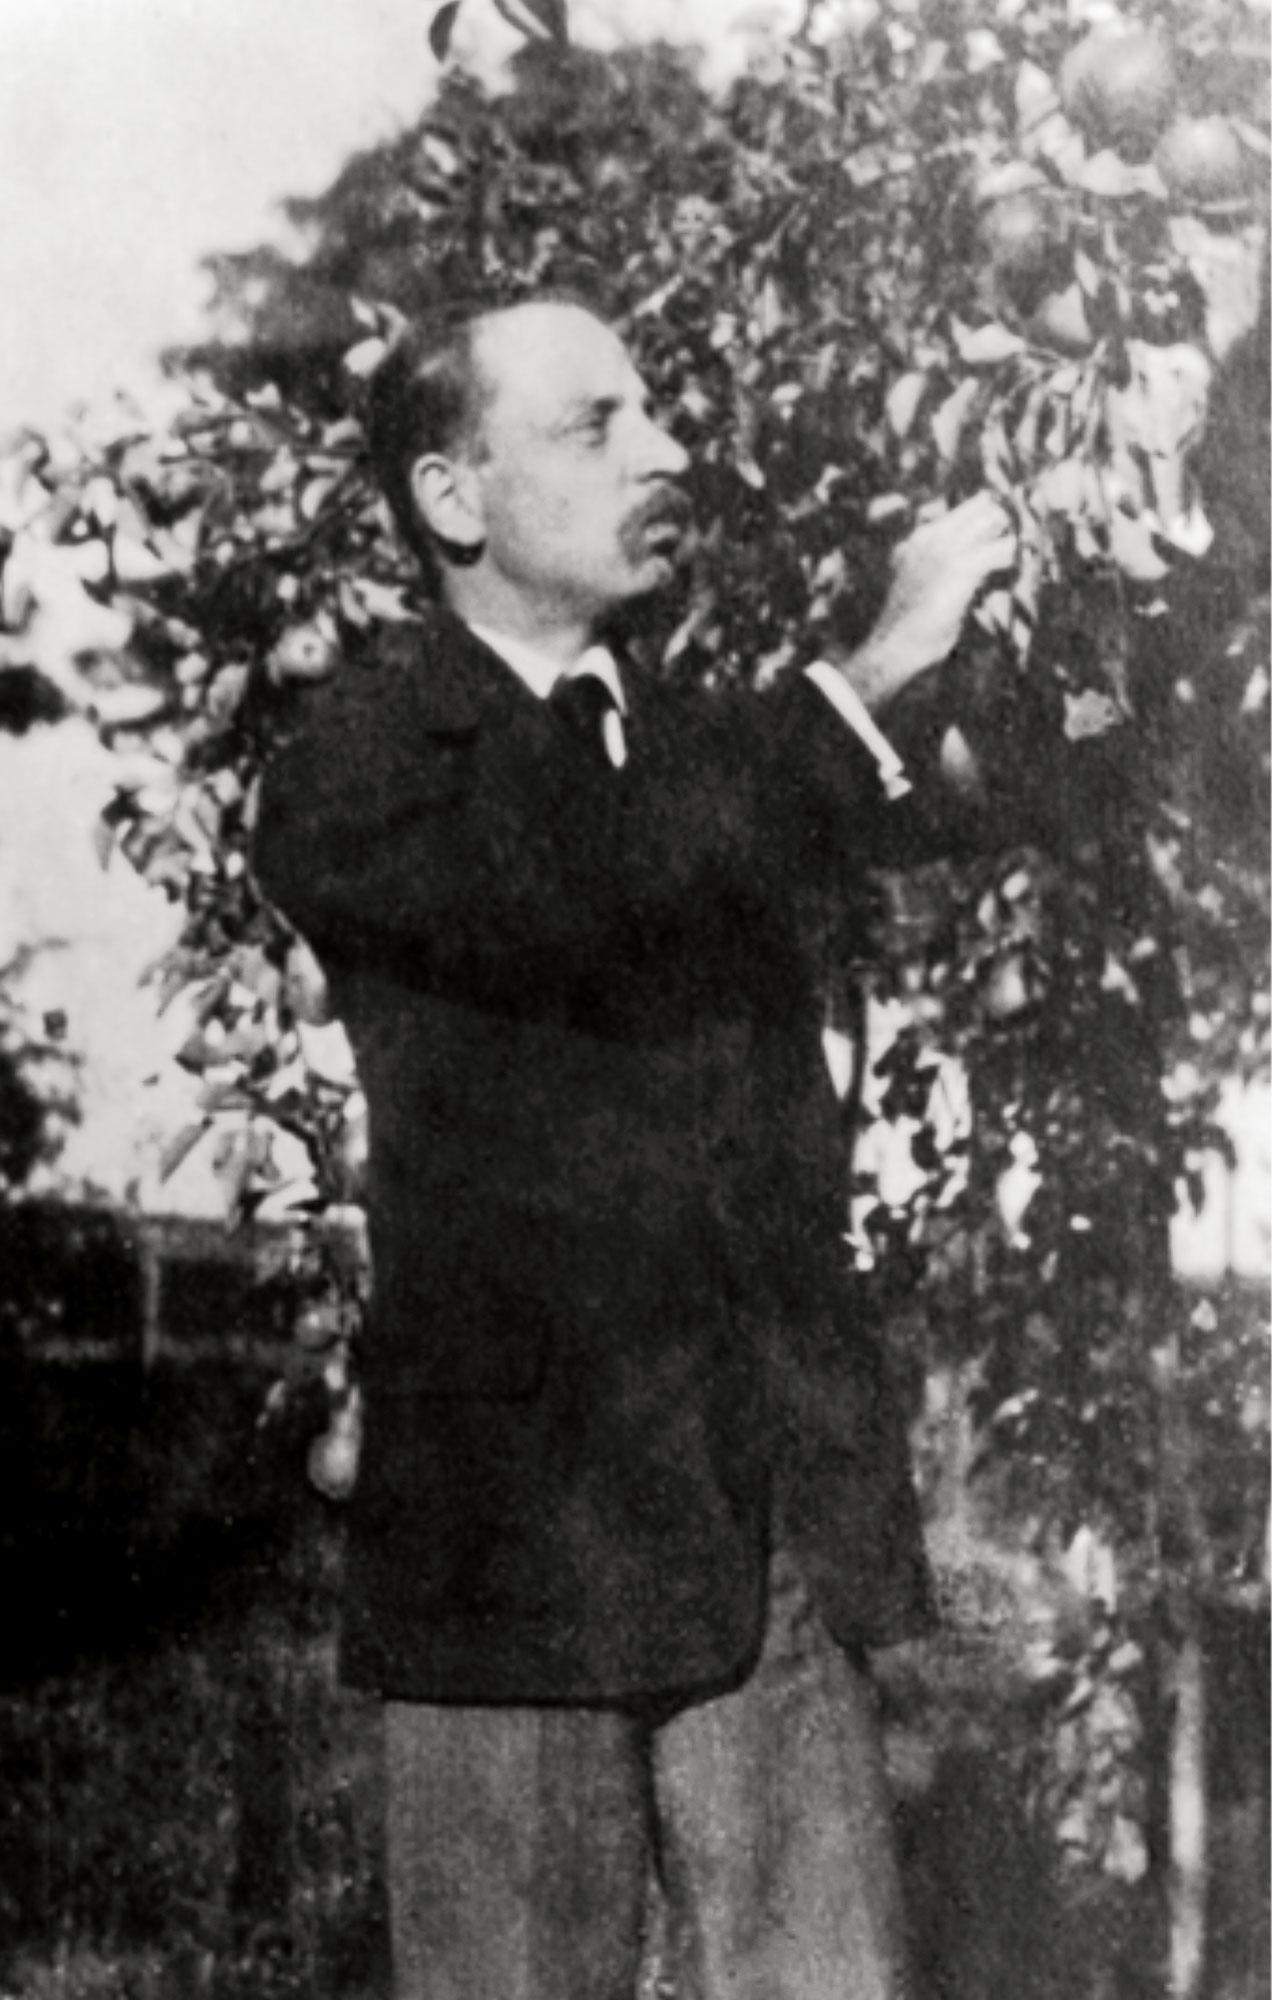 Rilke unter dem Apfelbaum auf Gut Böckel, 1917. Aufnahme von Hertha Koenig.